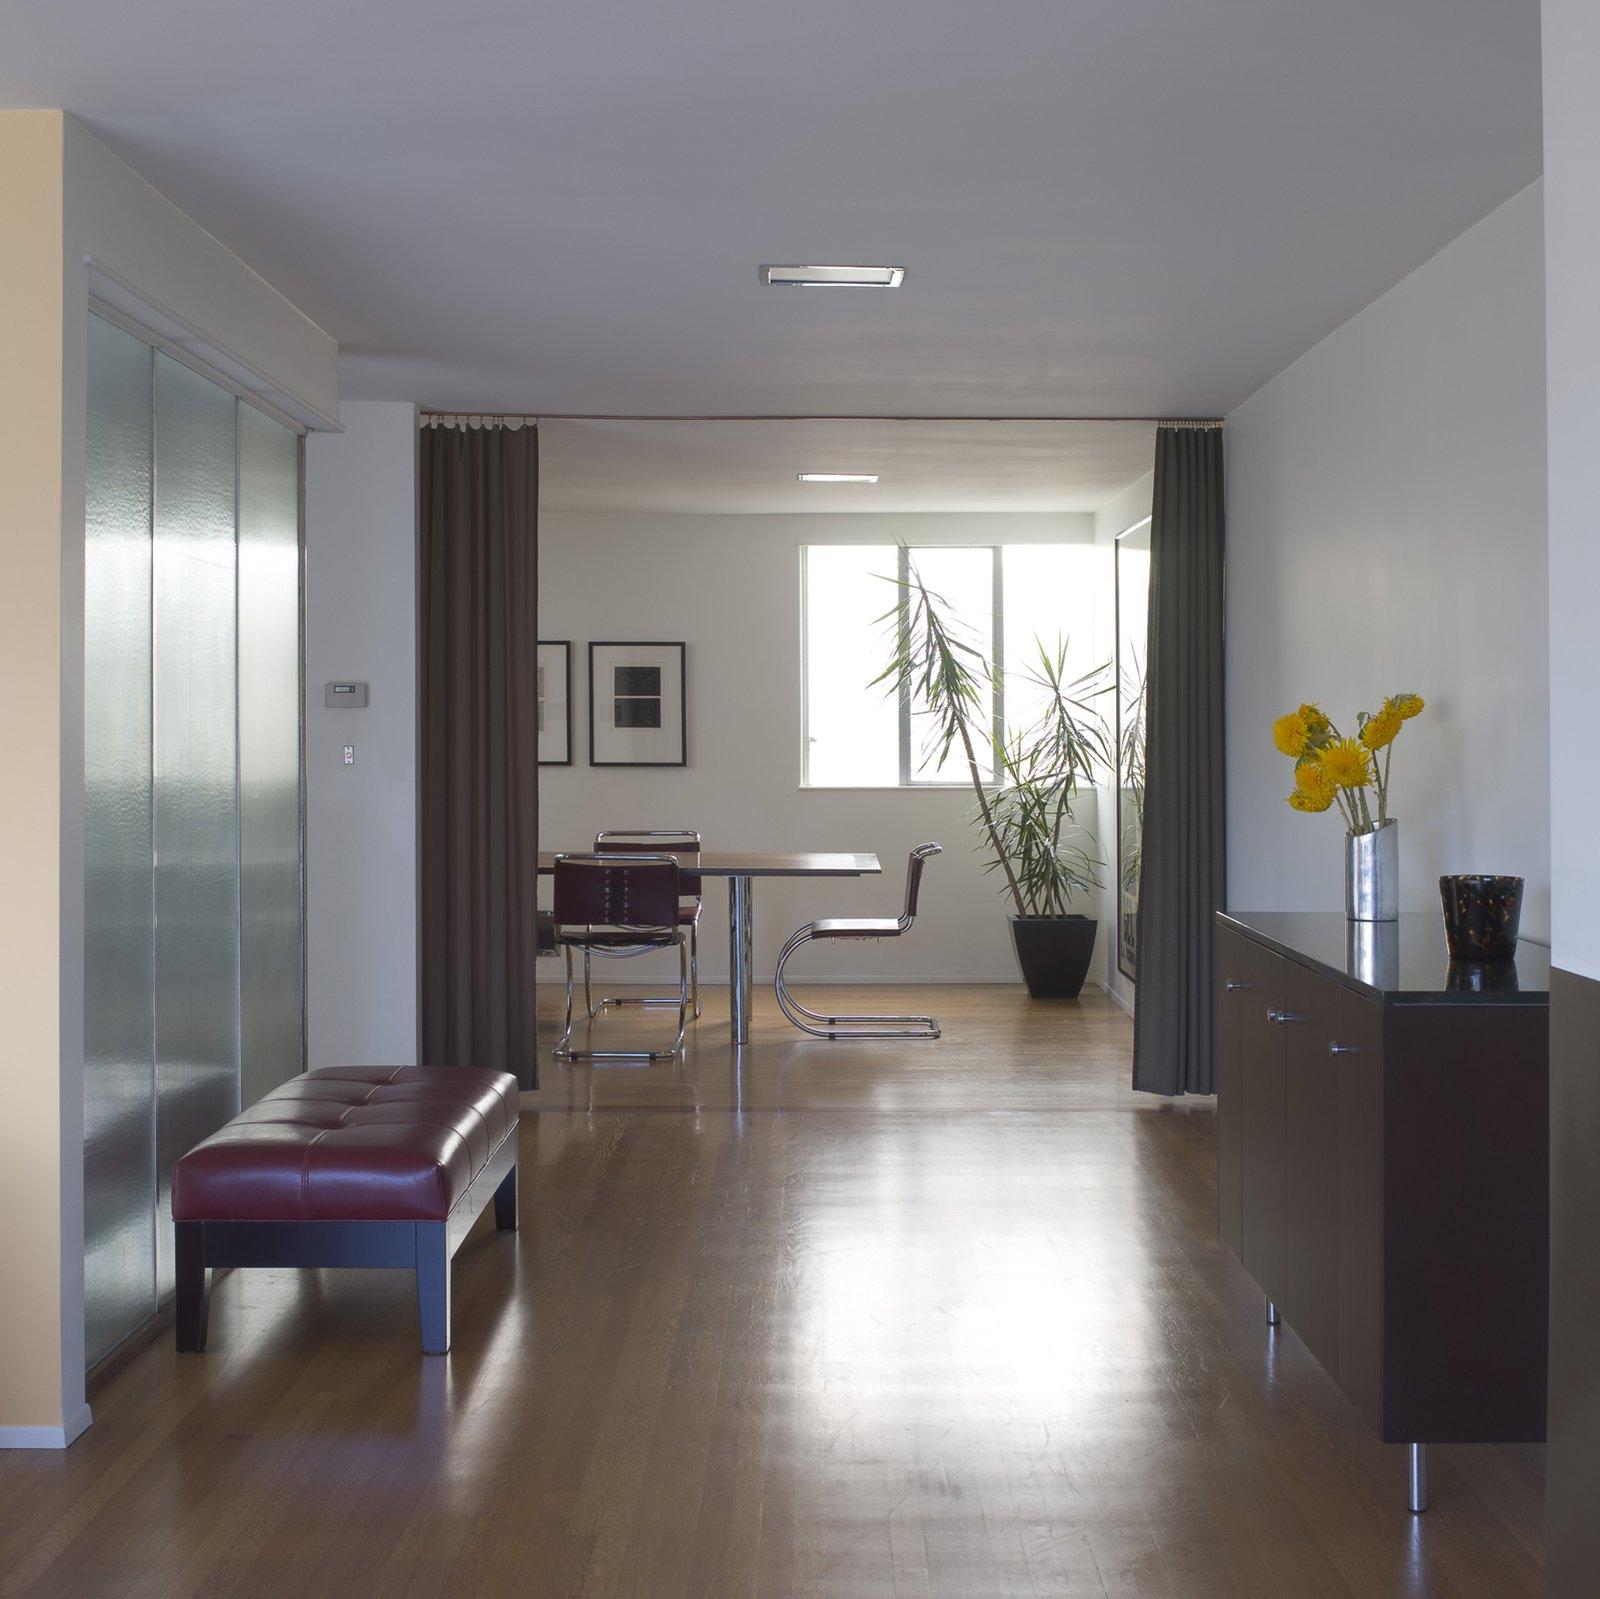 Hallway and Medium Hardwood Floor 20050712_overway 066  Photo 3 of 12 in Neutra's Overway-Schiff House